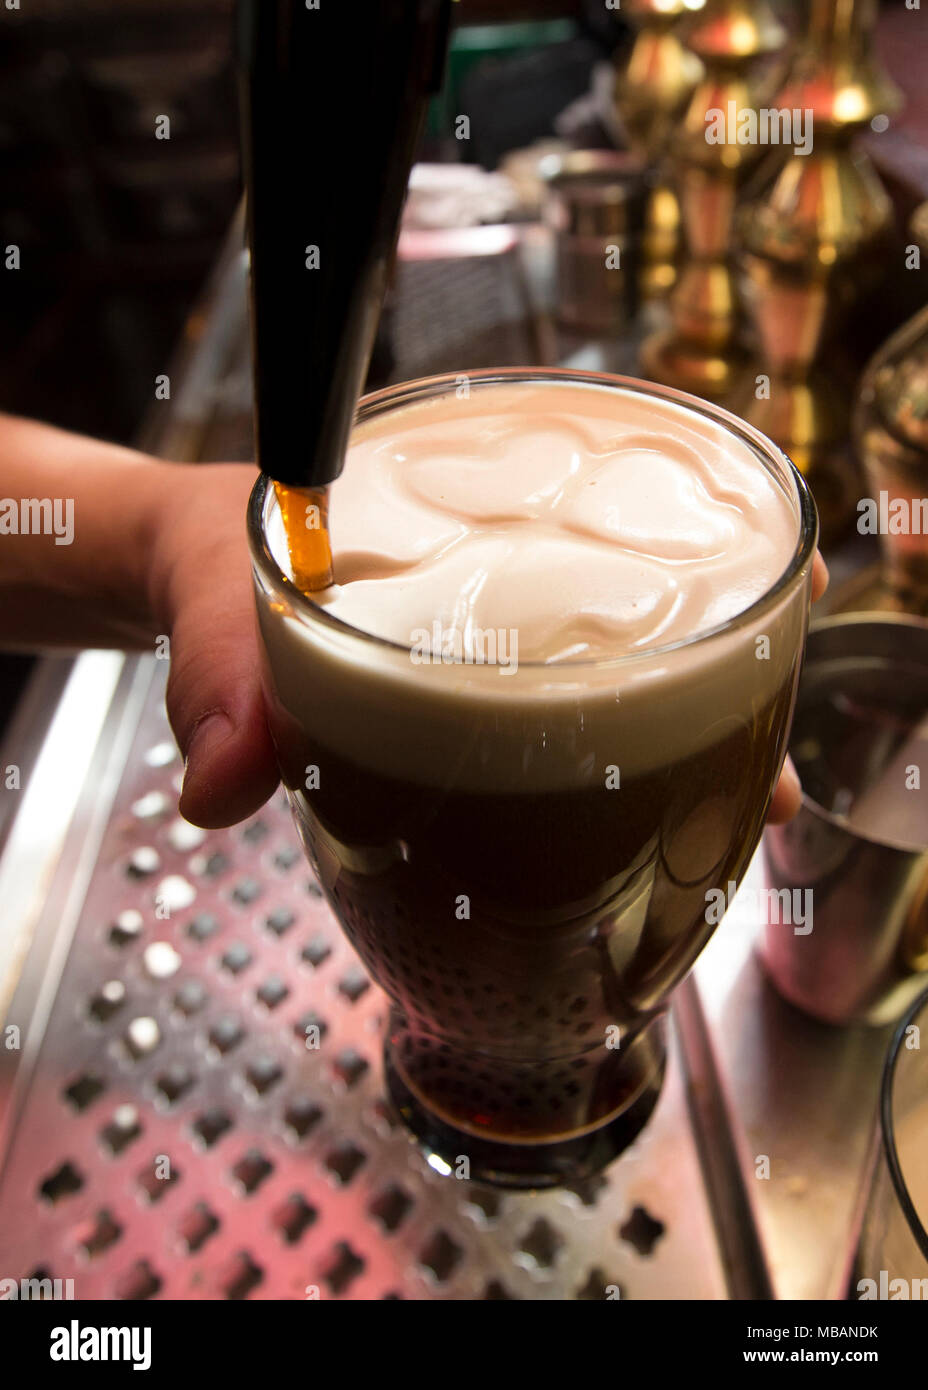 Primo piano di un barista di disegno di un chiodo di garofano in la birra la schiuma con il rubinetto di birra. Lui è una colata di nero scuro birra irlandese al banco bar. Immagini Stock